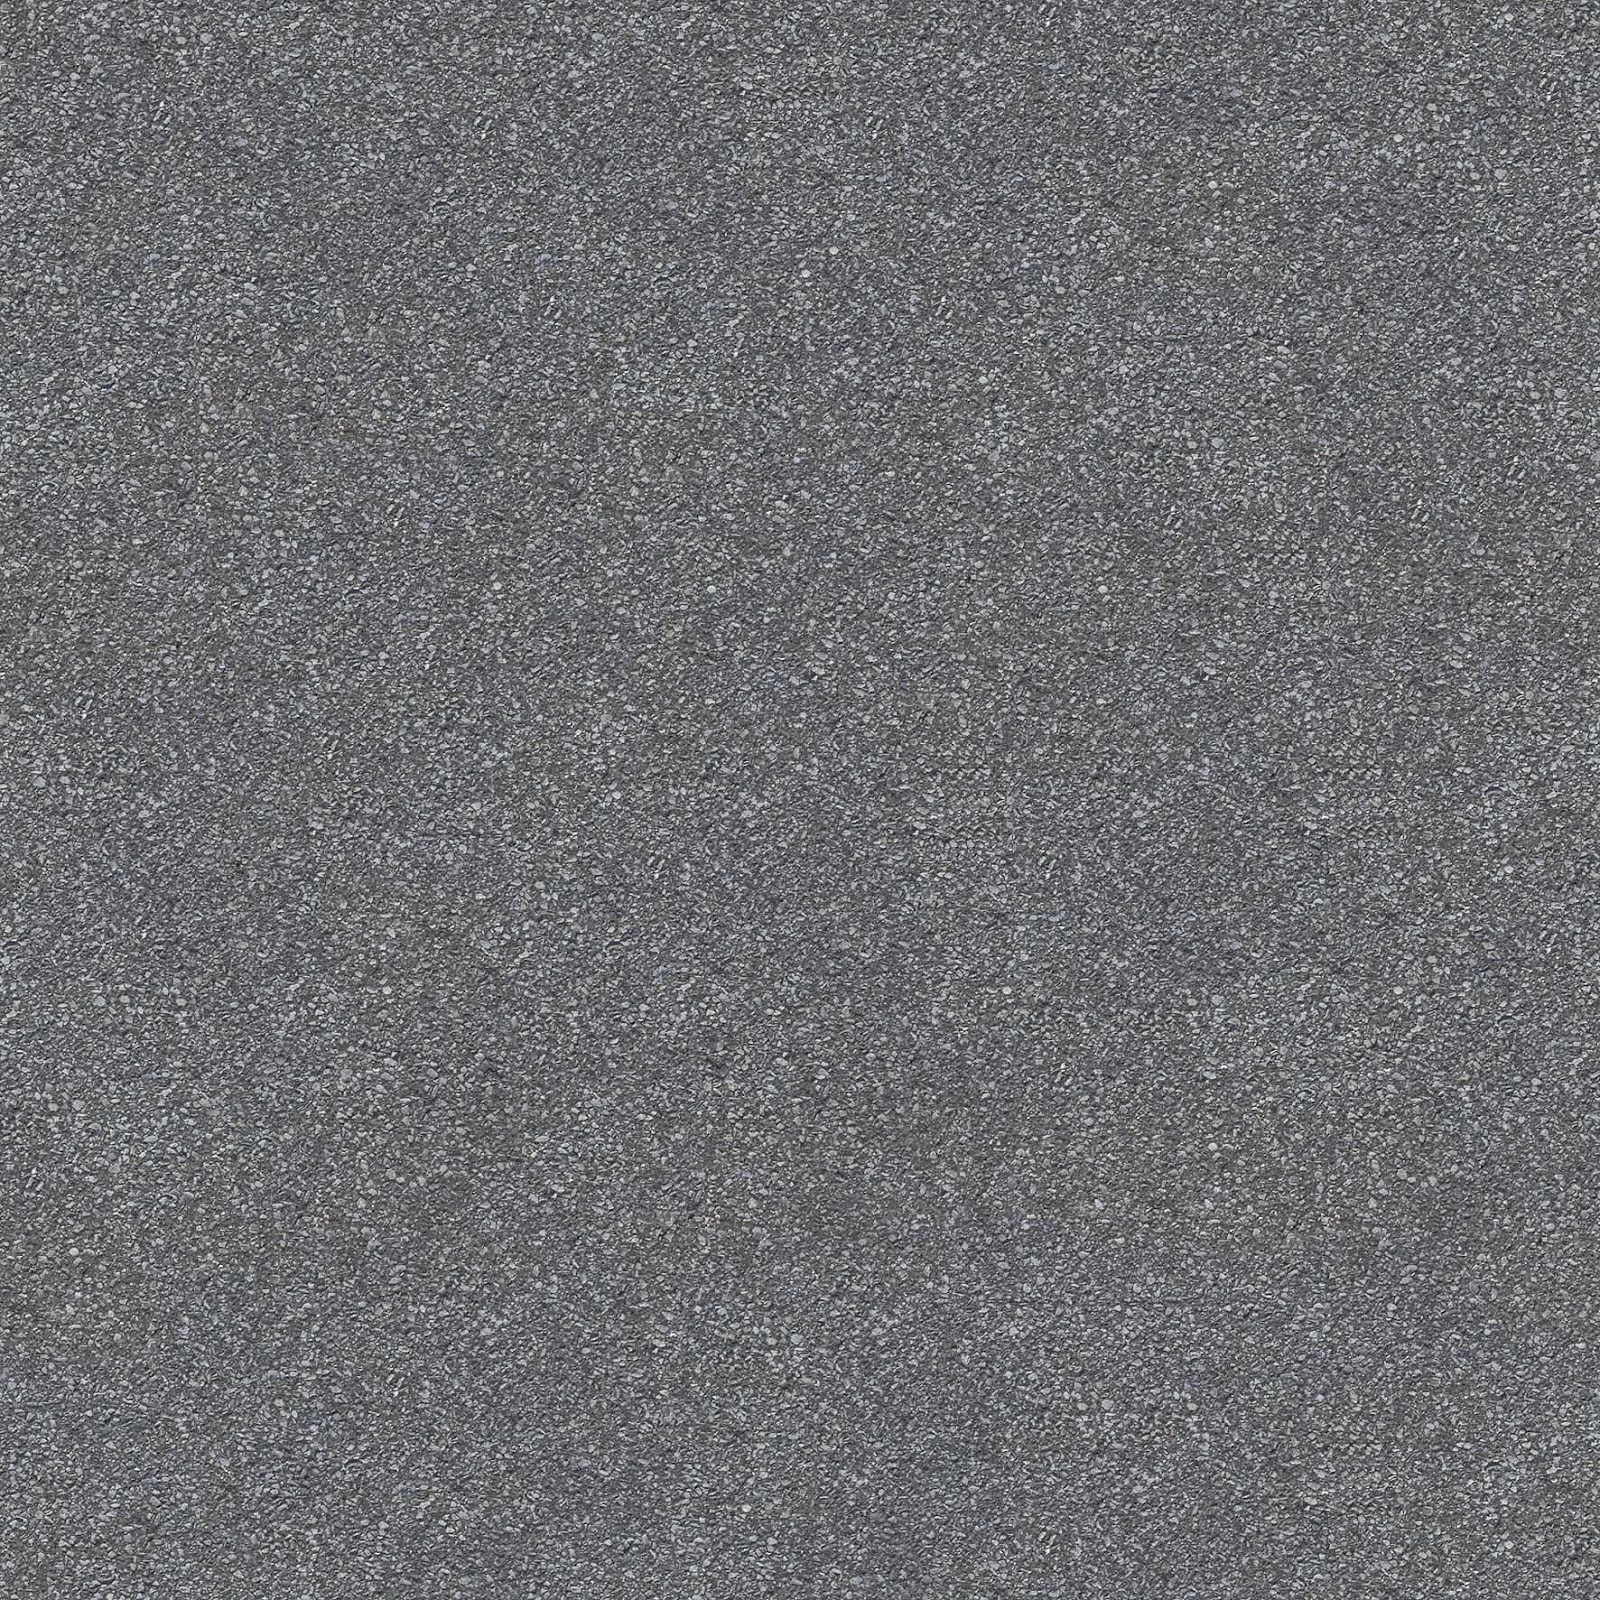 Texture free: Texture asphalt